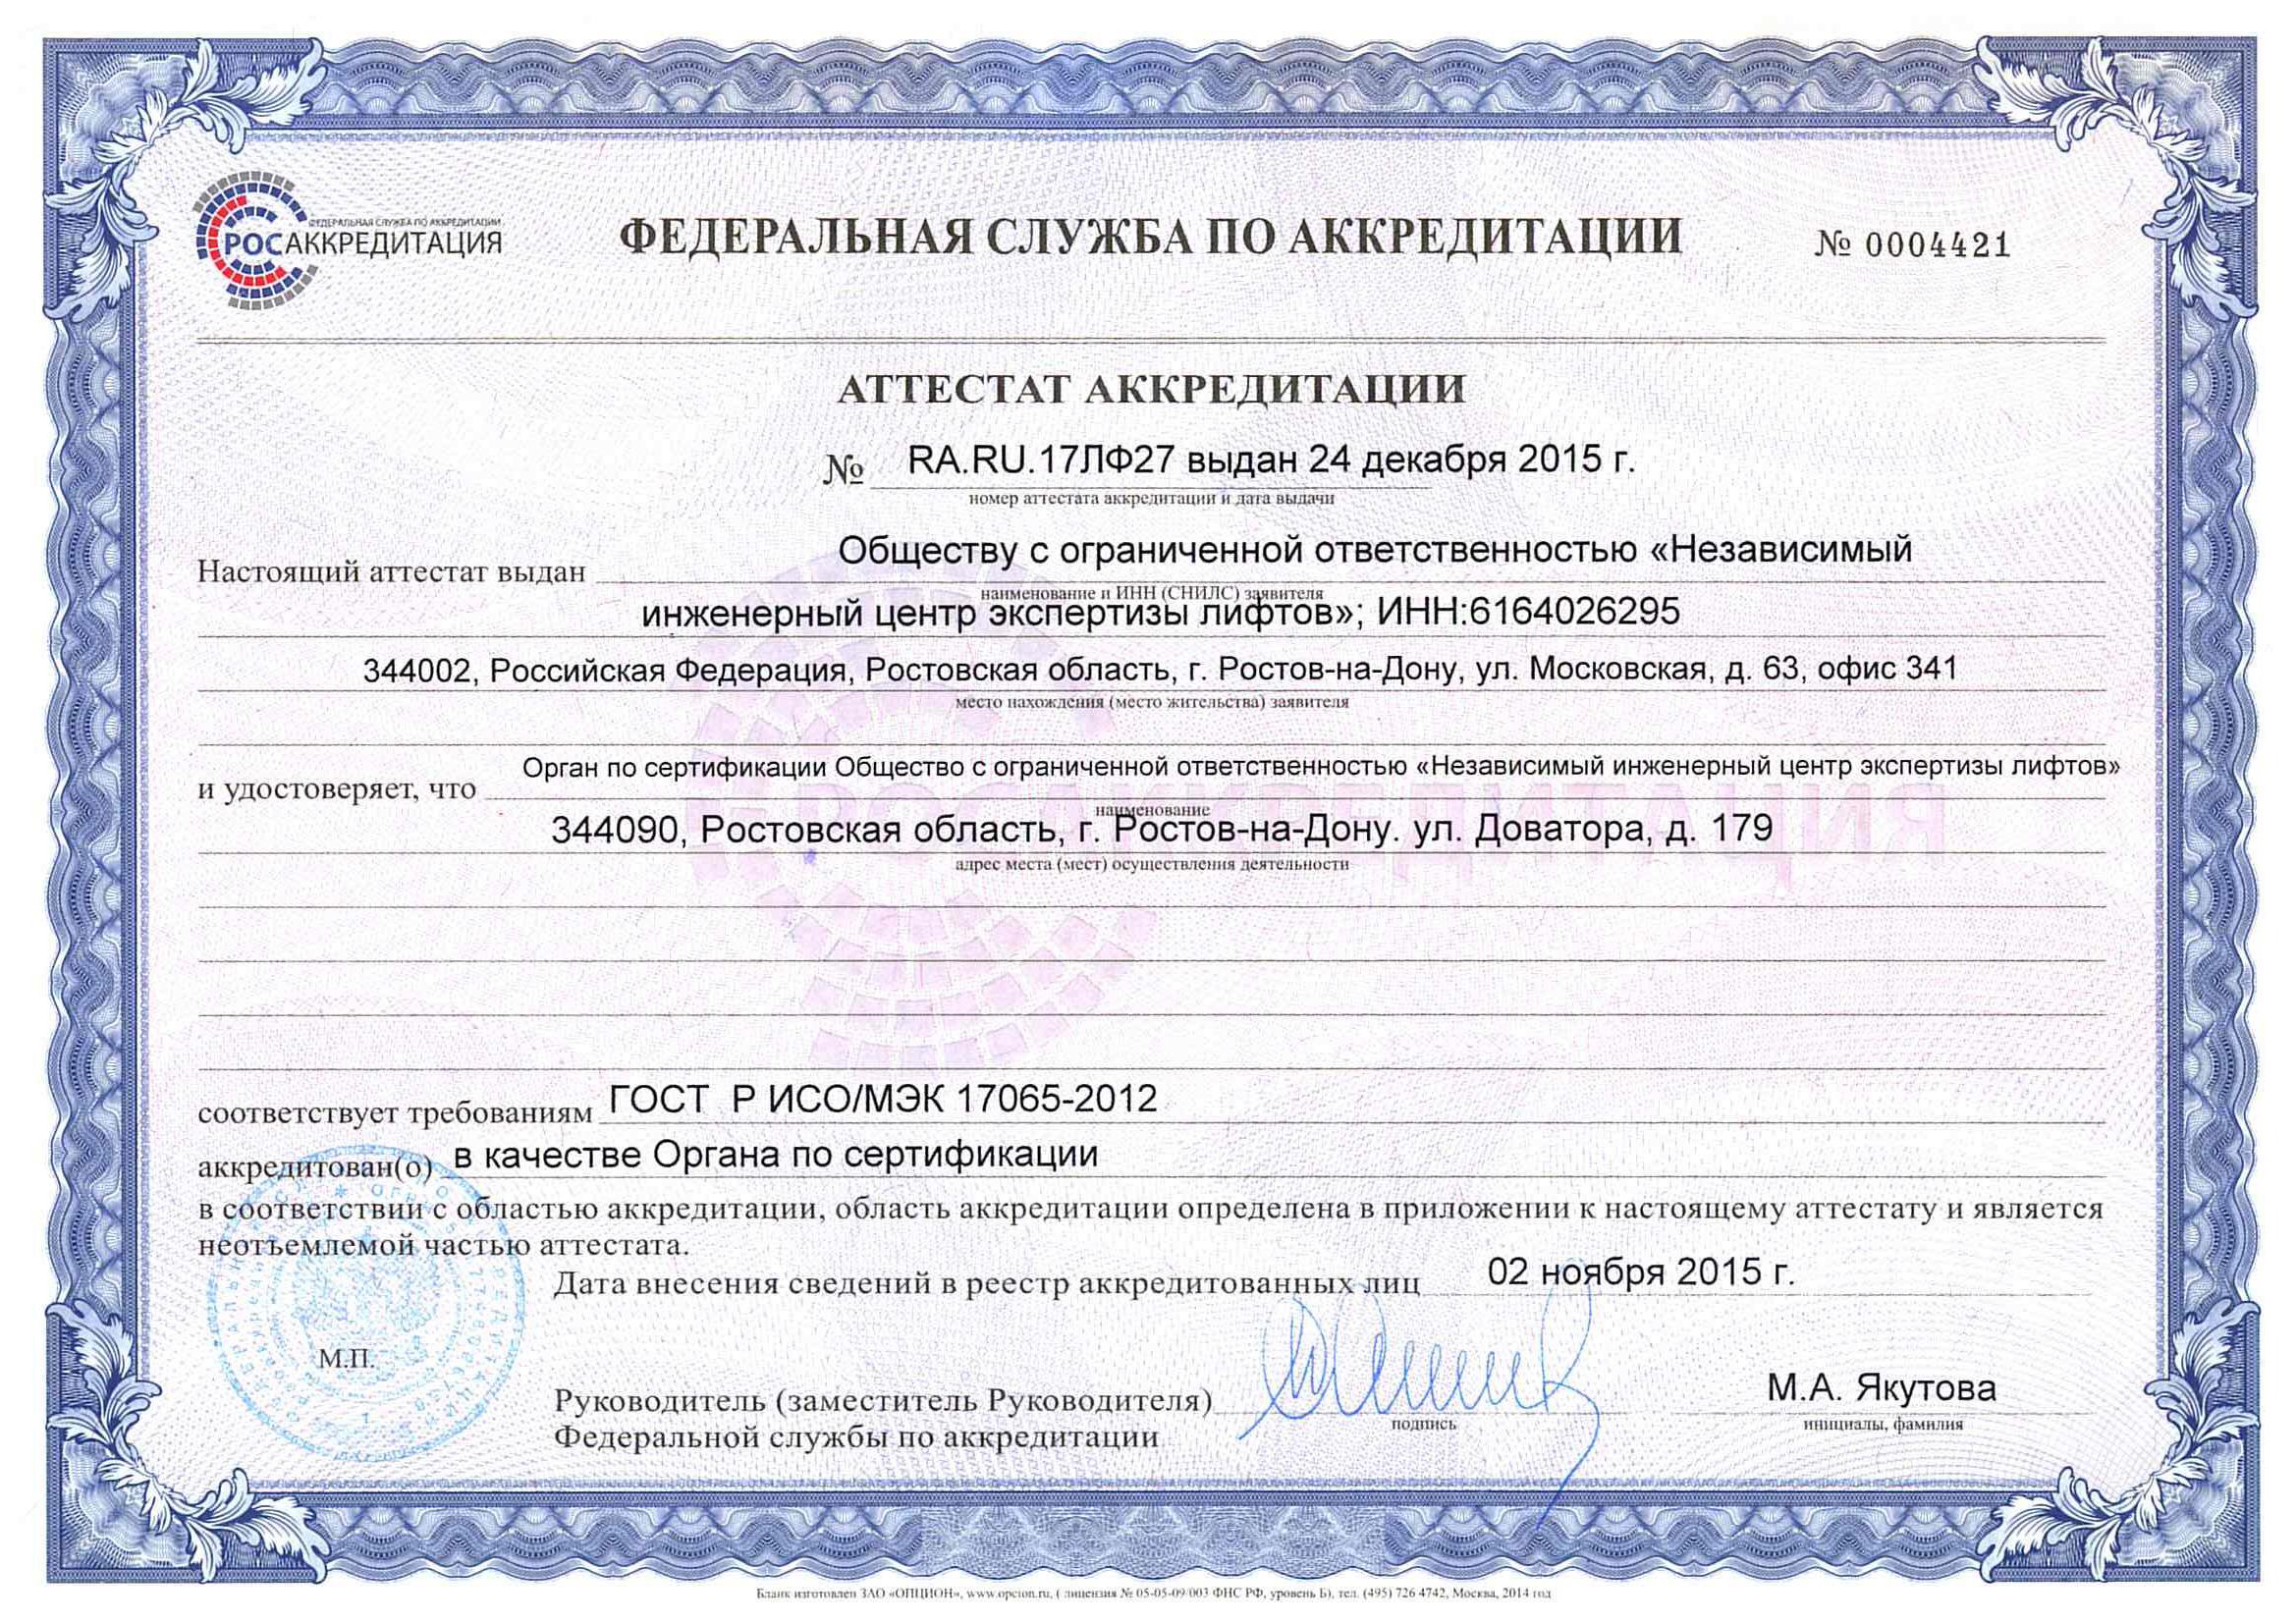 Аттестат аккредитации в качестве Органа по сертификации ООО НИЦЭЛ